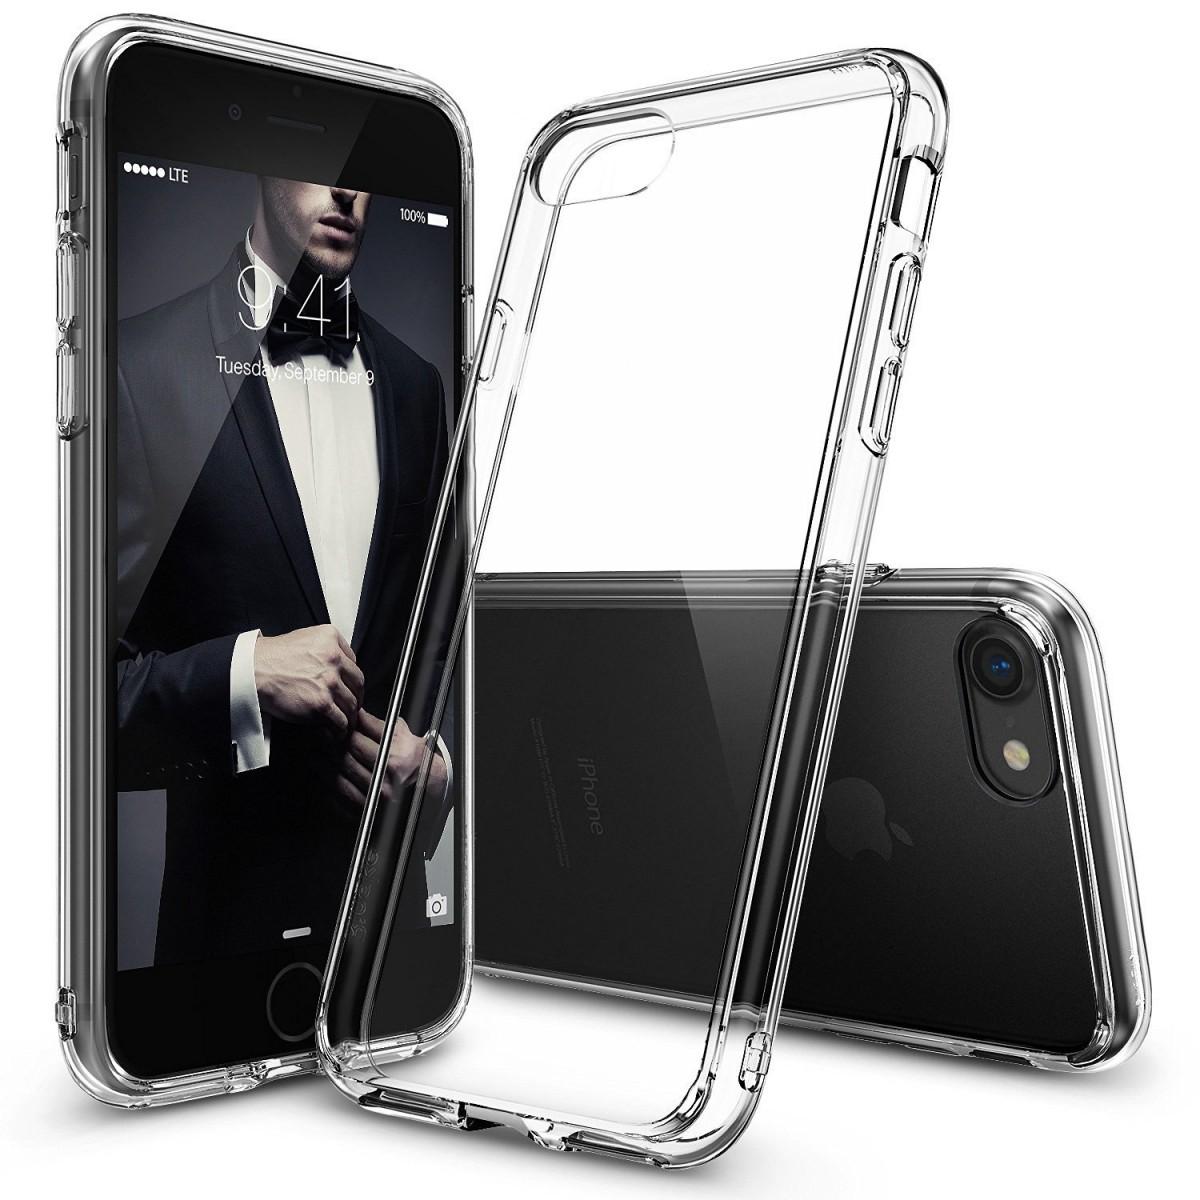 Průhledný čirý obal / kryt na iPhone 7